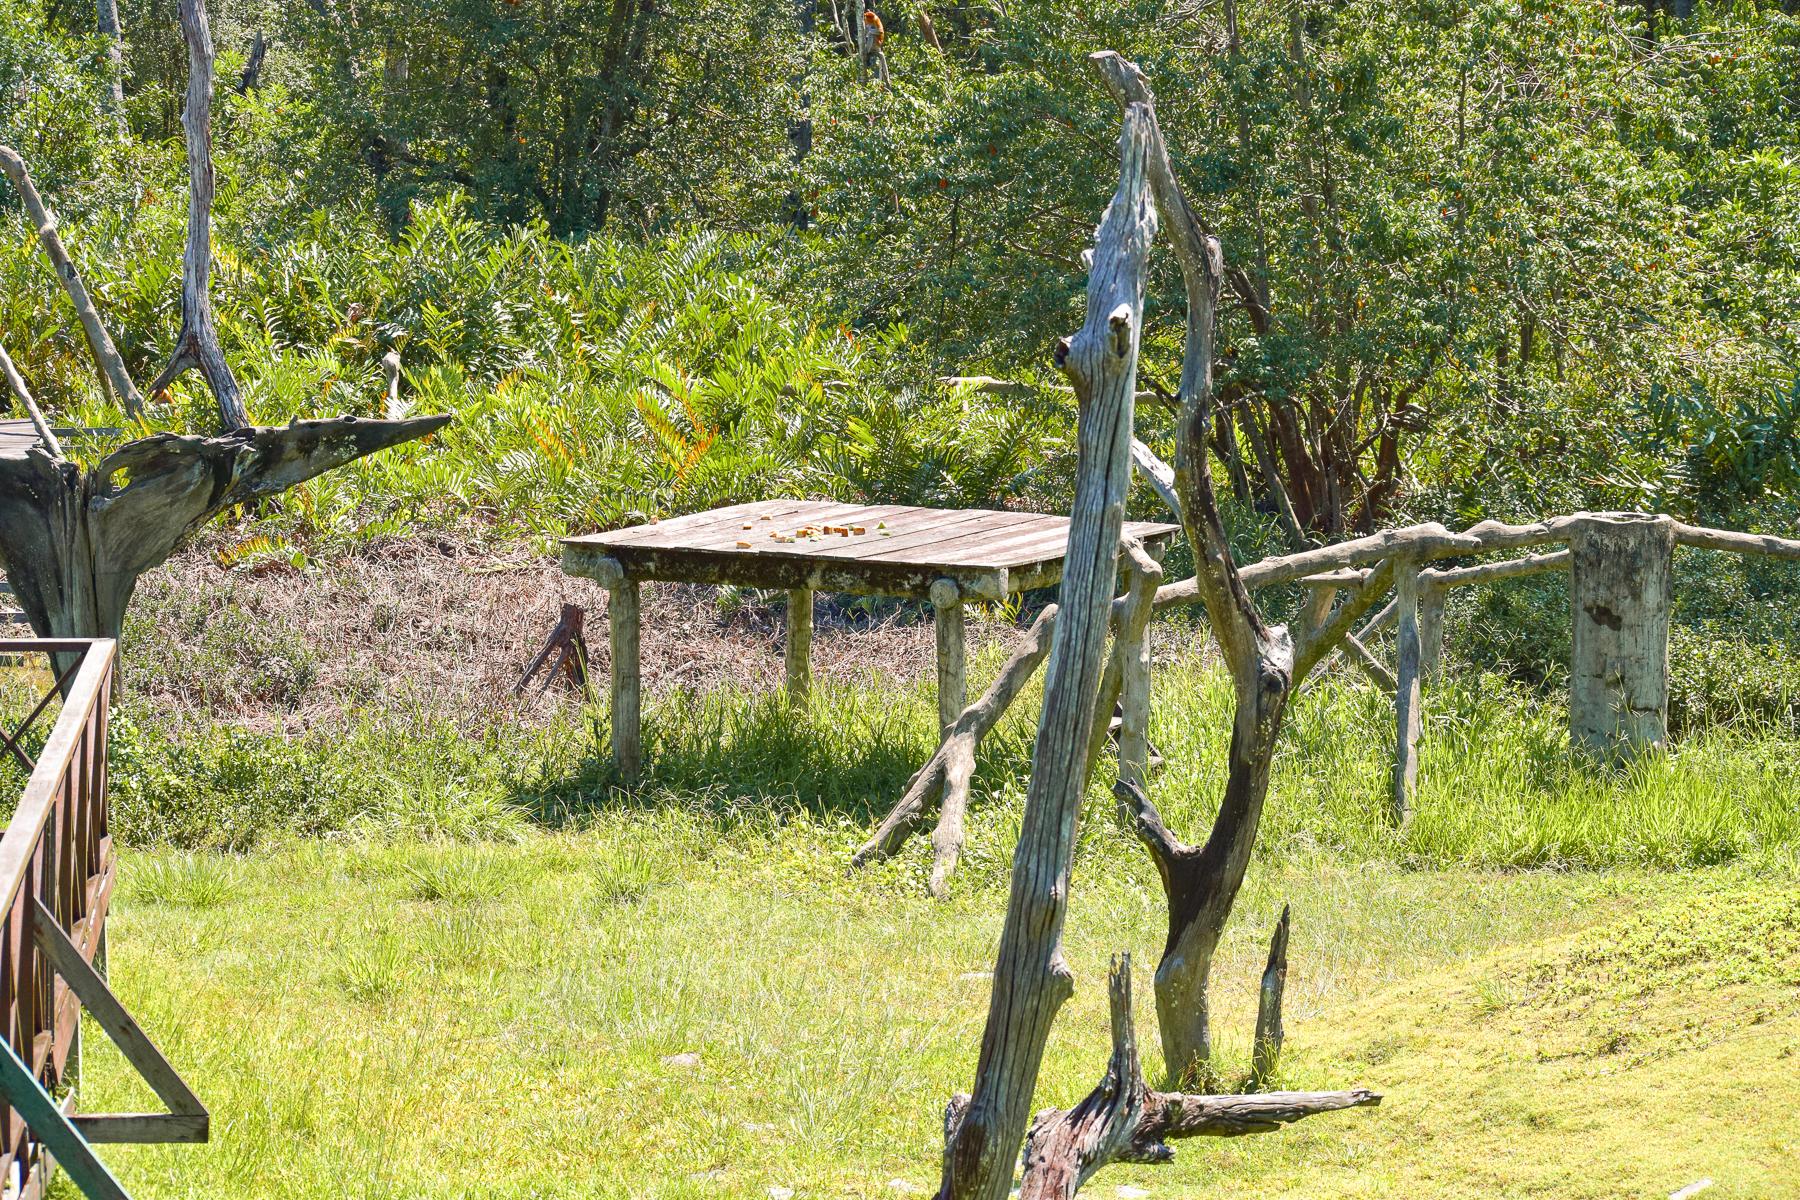 Matplattform i Labuk Bay Proboscis Monkey Sanctuary.